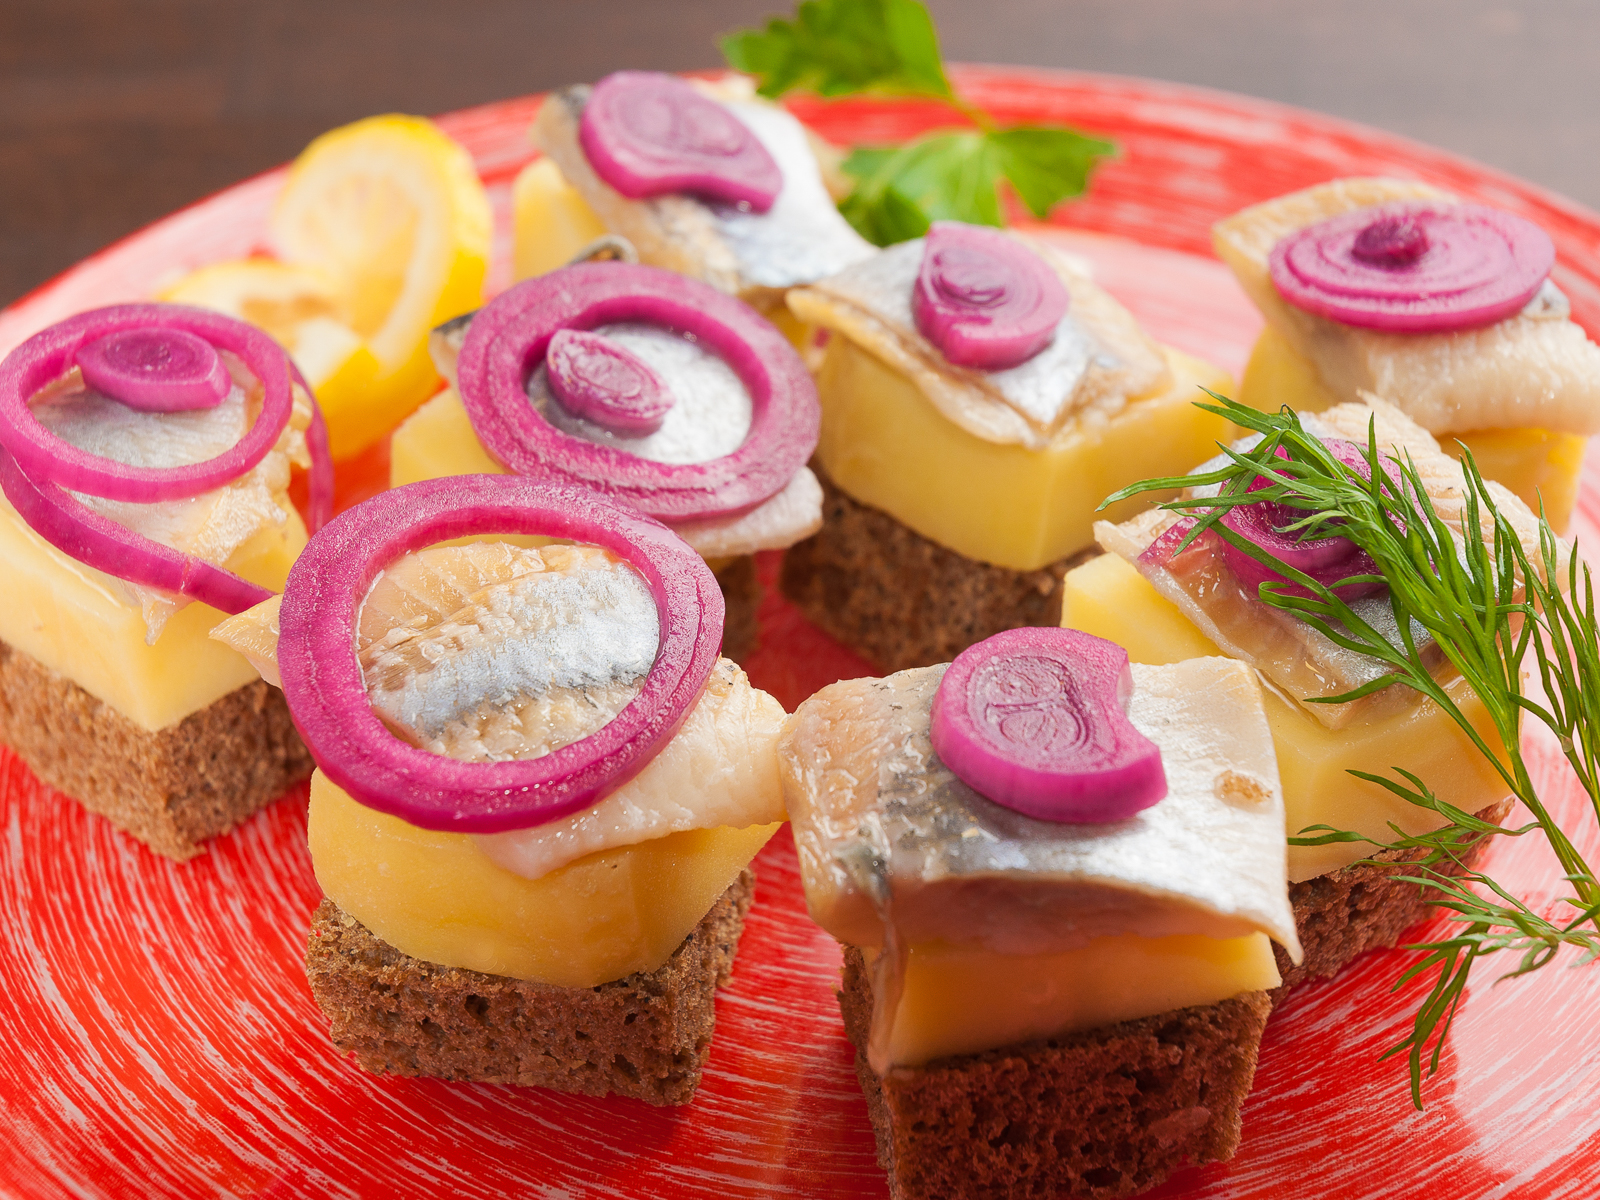 Филе сельди с картофелем на шпажках